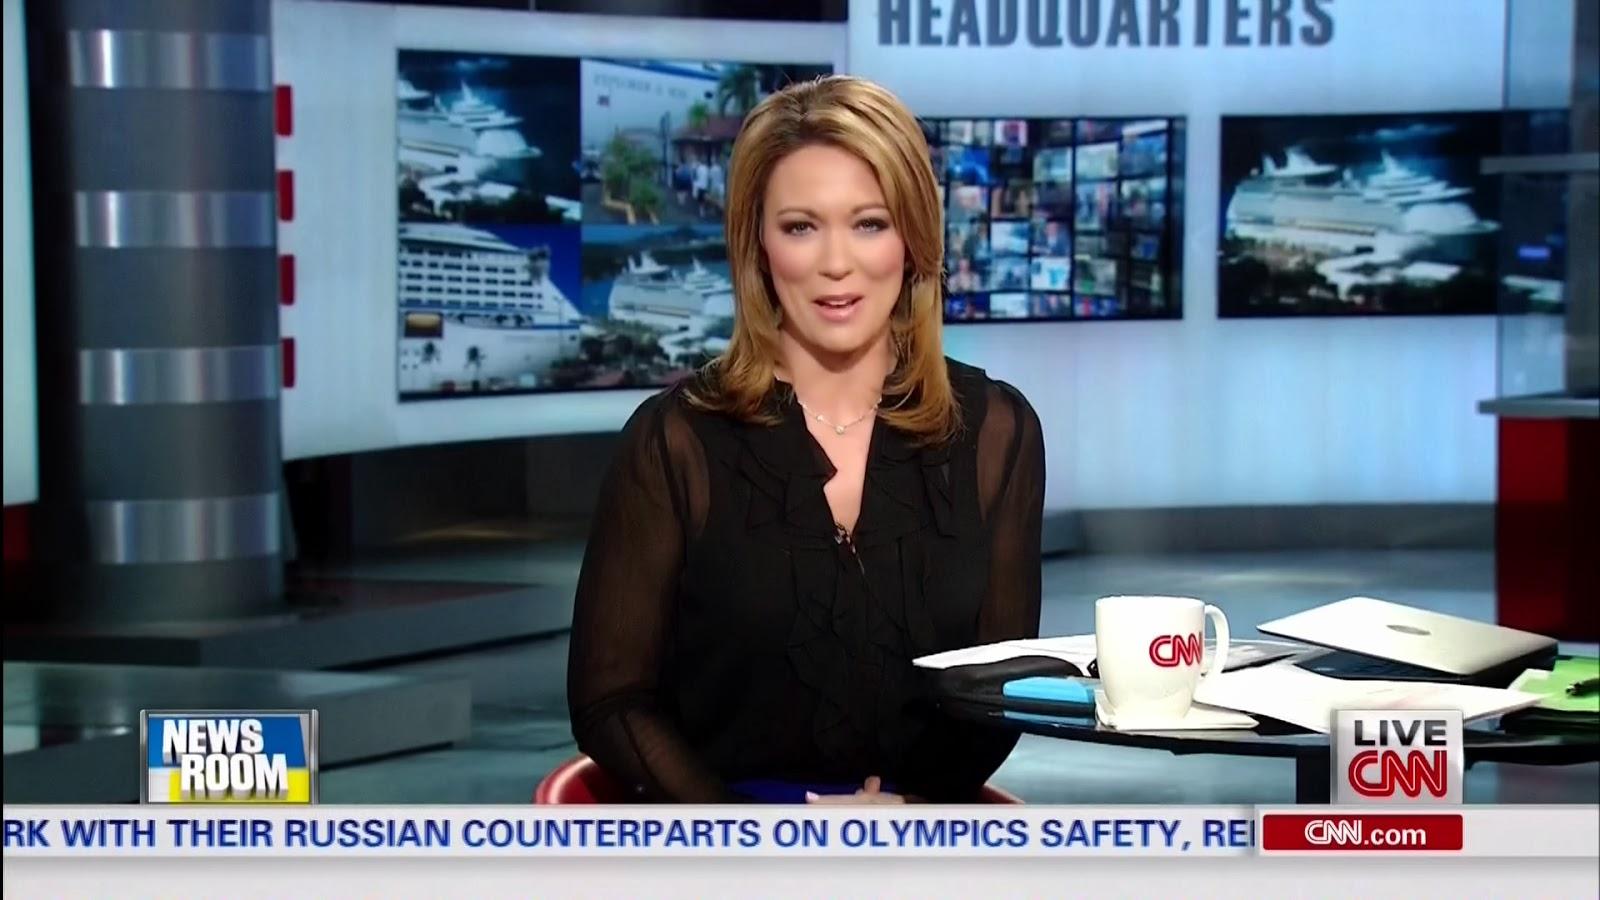 CNN'-s Brooke Baldwin (Westminster 1997) enjoying New York since ...